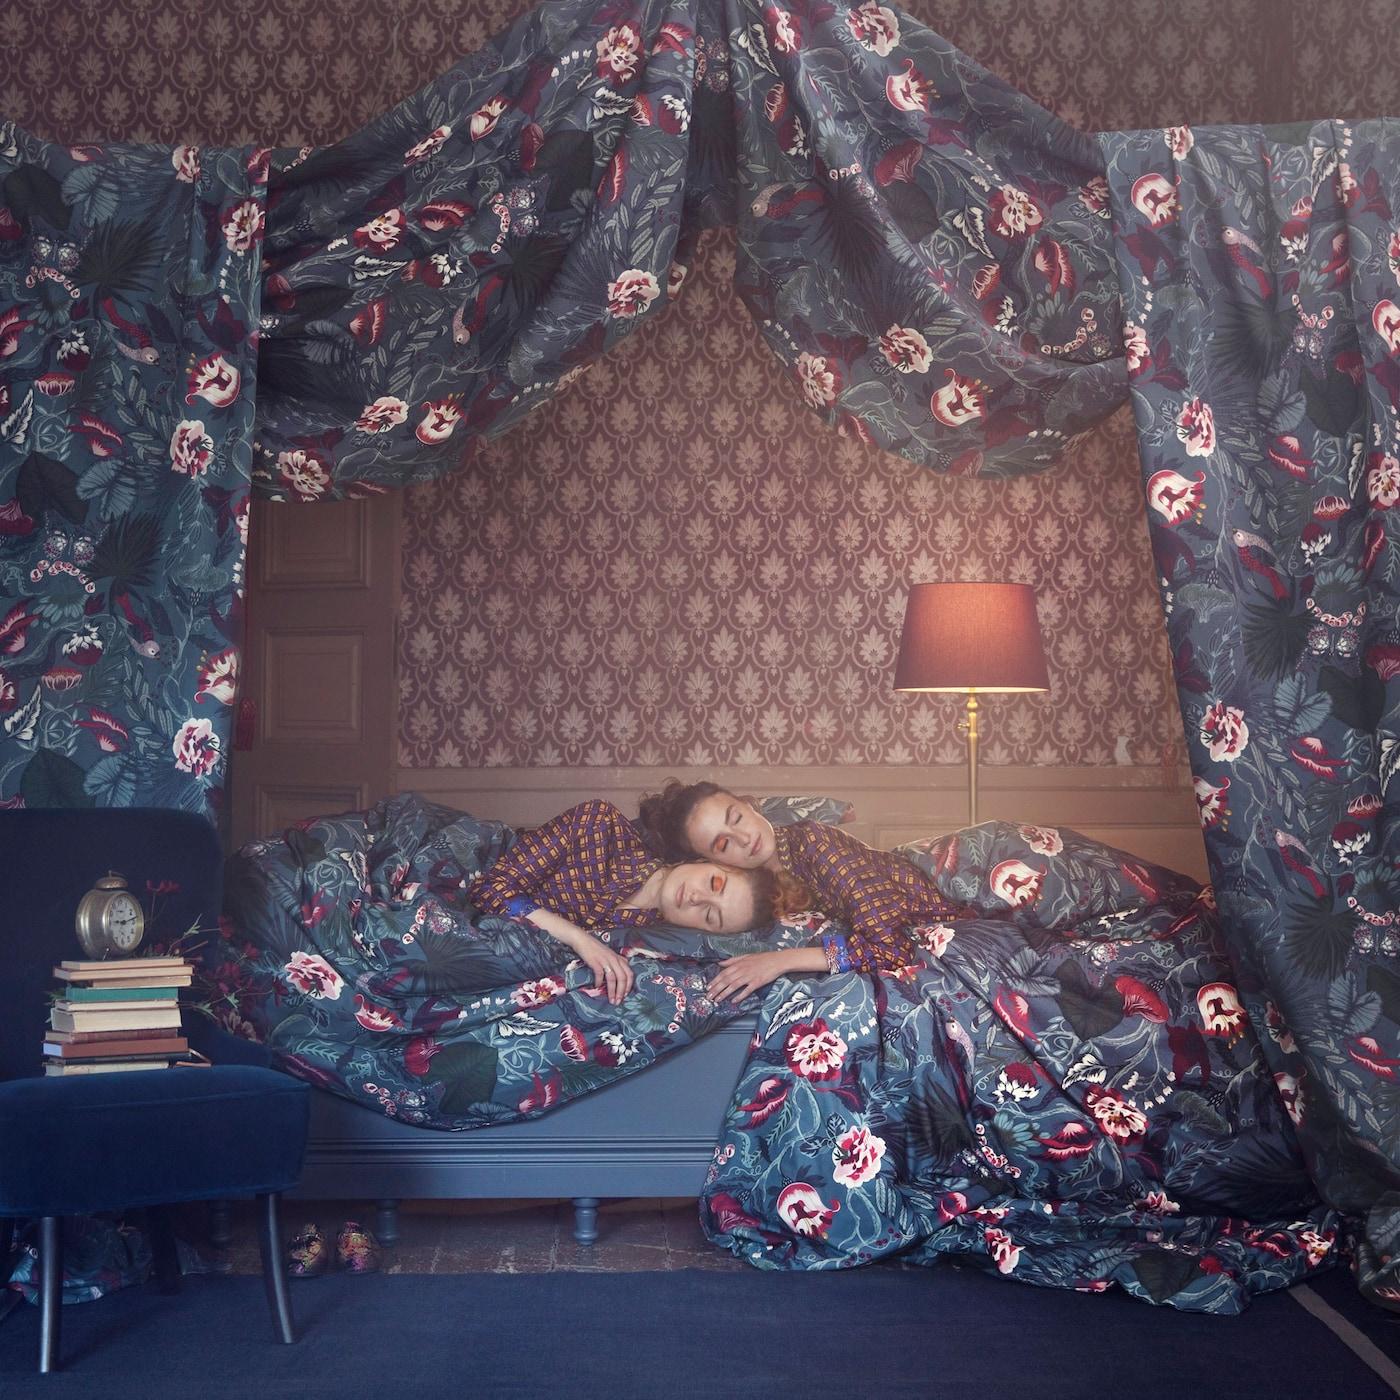 Goûte au confort de la housse de couette et des deux taies d'oreiller FILODENDRON signées IKEA. Réalisées en percale de coton, elles sont couvertes de fleurs et de papillons dans des teintes bordeaux et bleu.